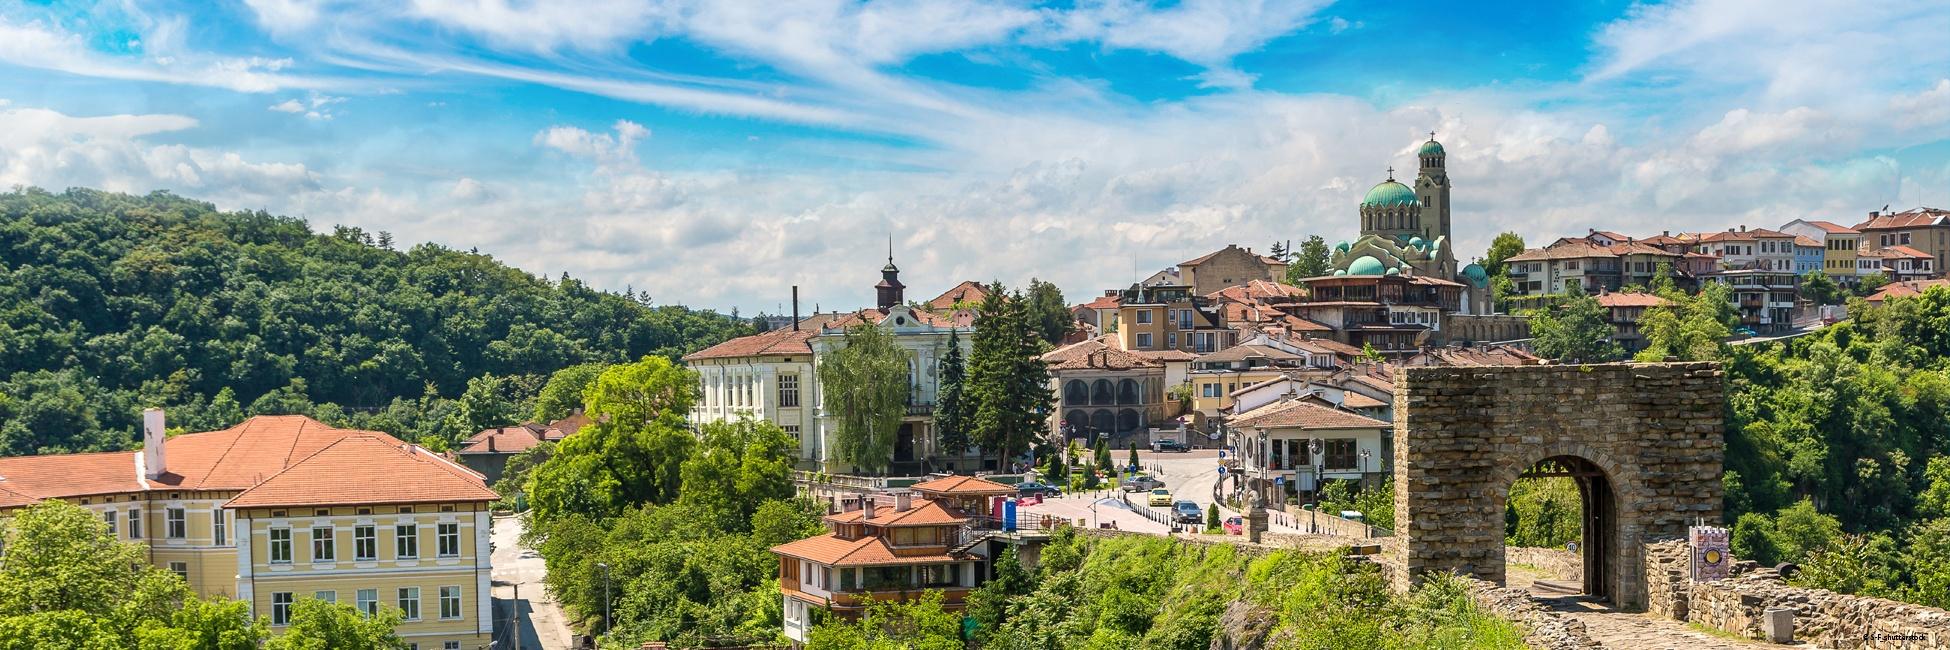 Veliko Tarnovo, Bulagarie